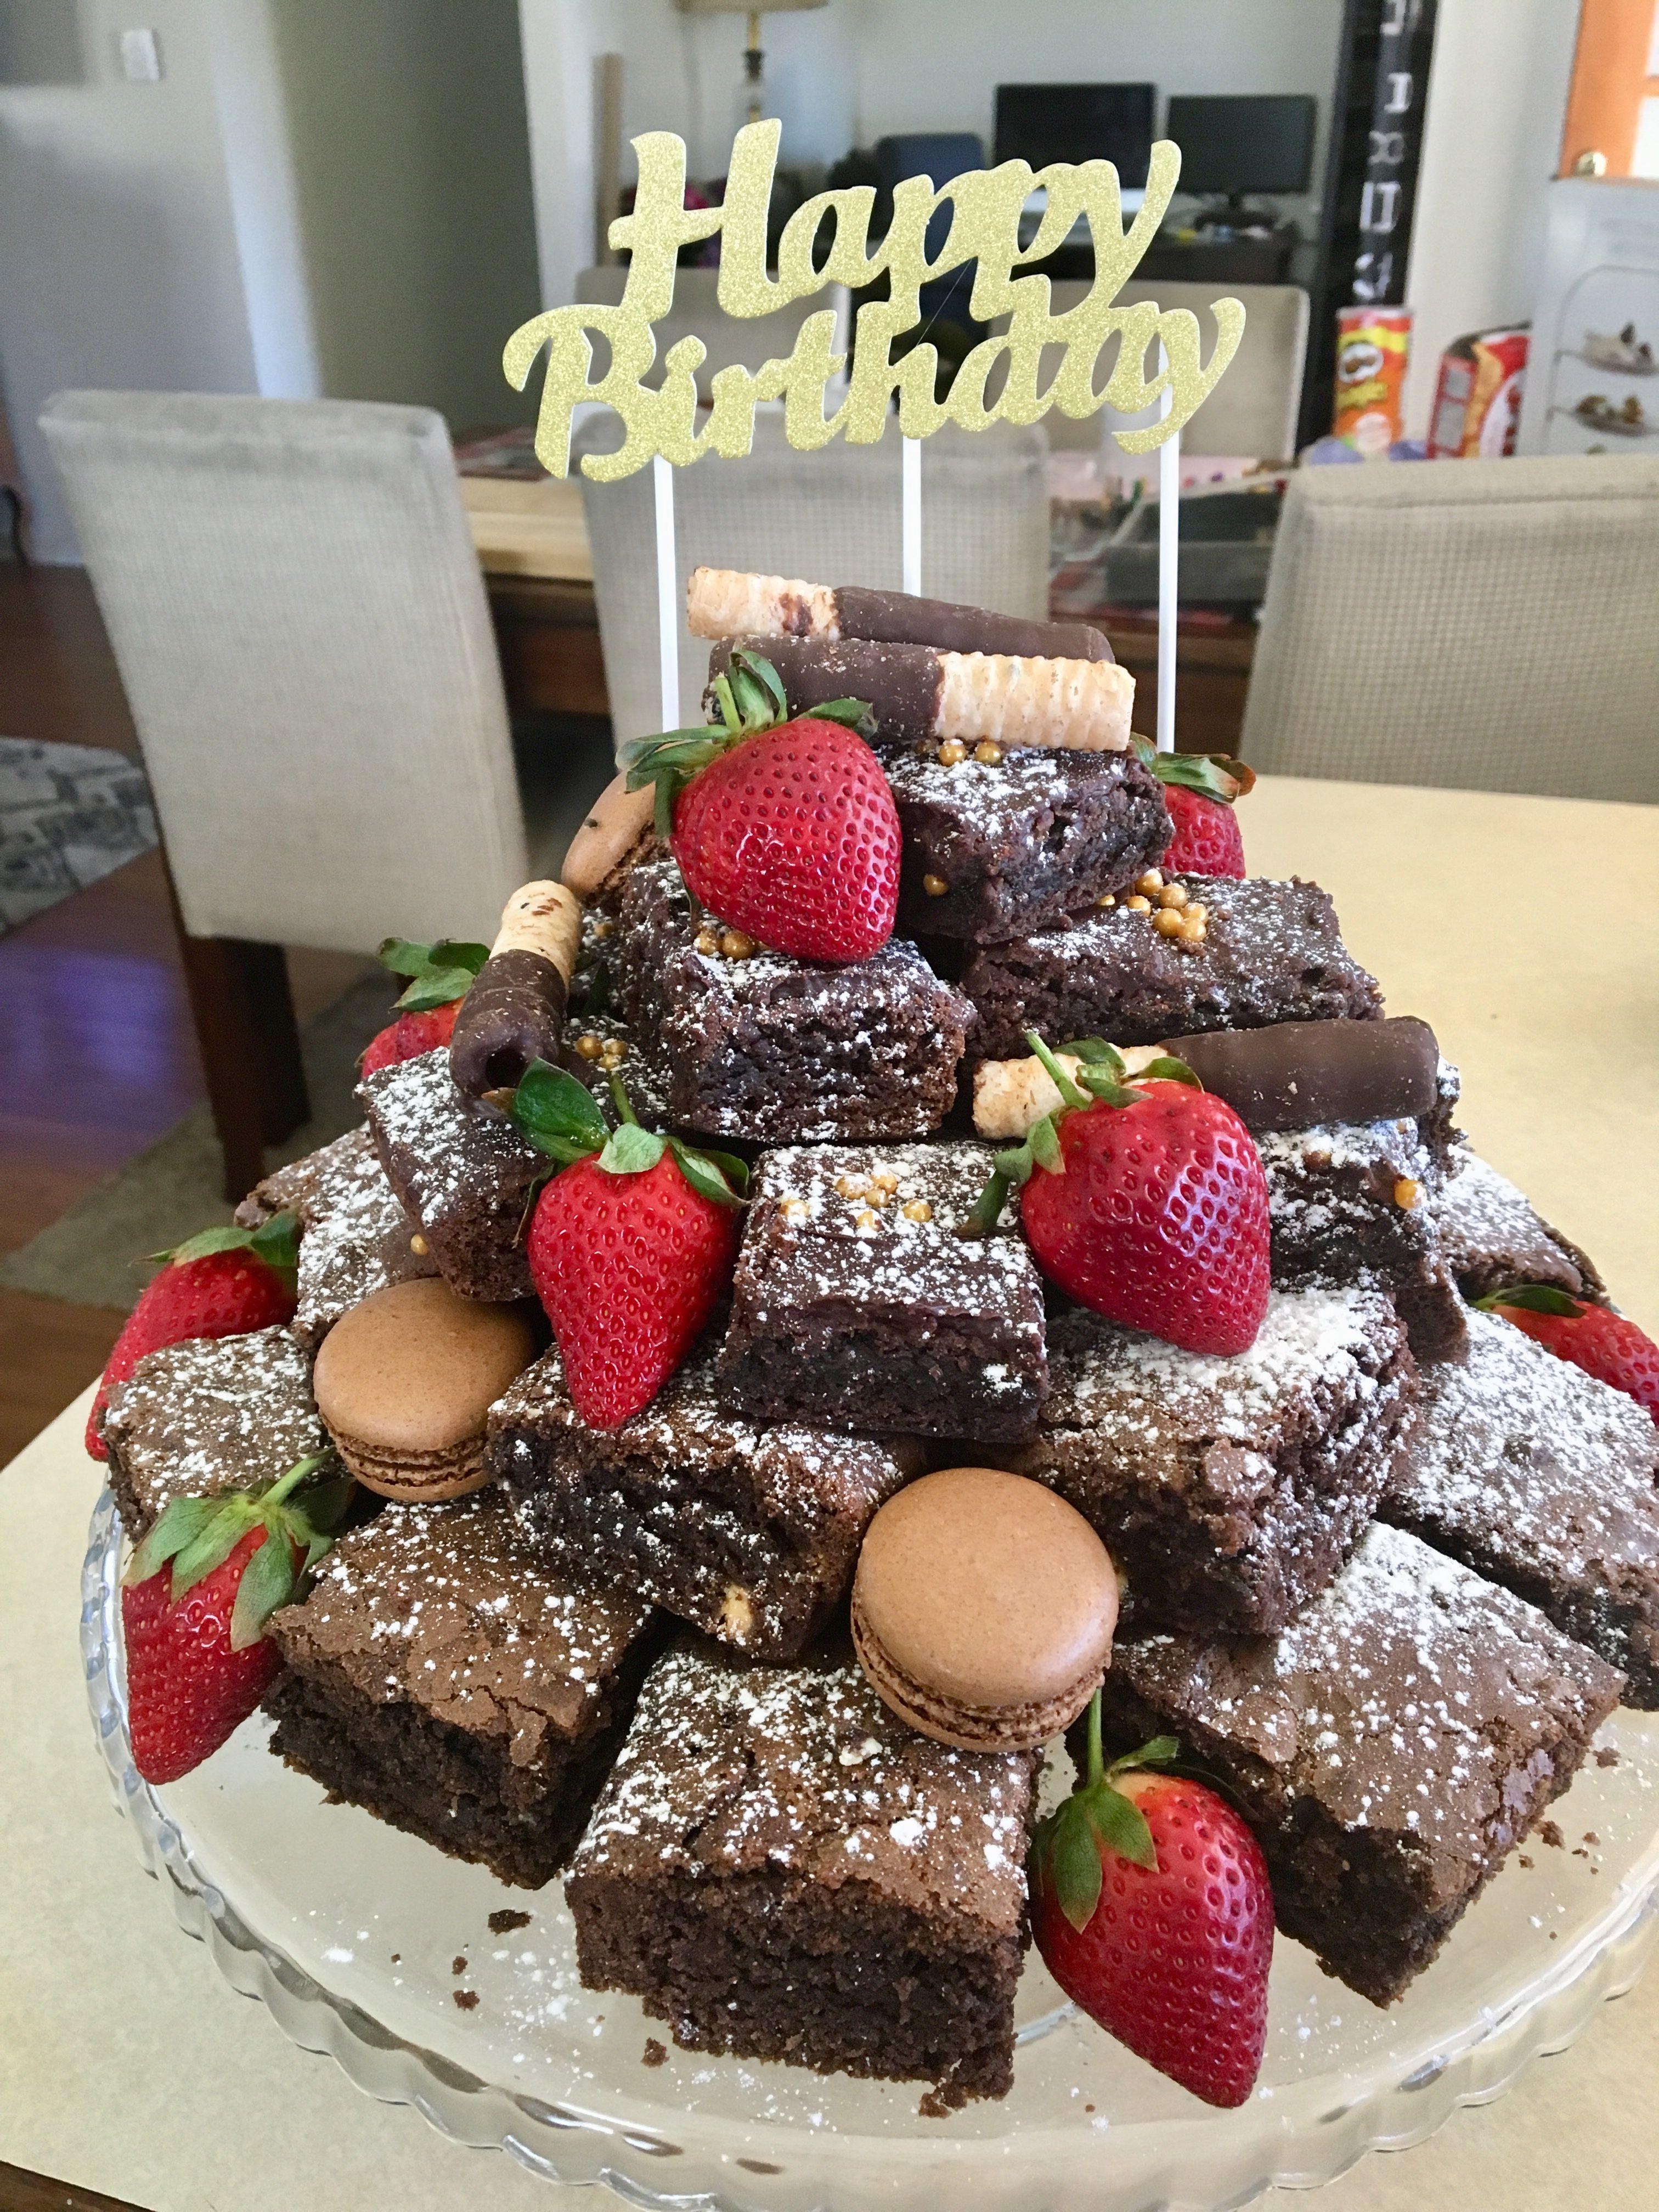 Astounding Brownie Cake Stack Birthday Cake Alternatives Birthday Cake Funny Birthday Cards Online Elaedamsfinfo